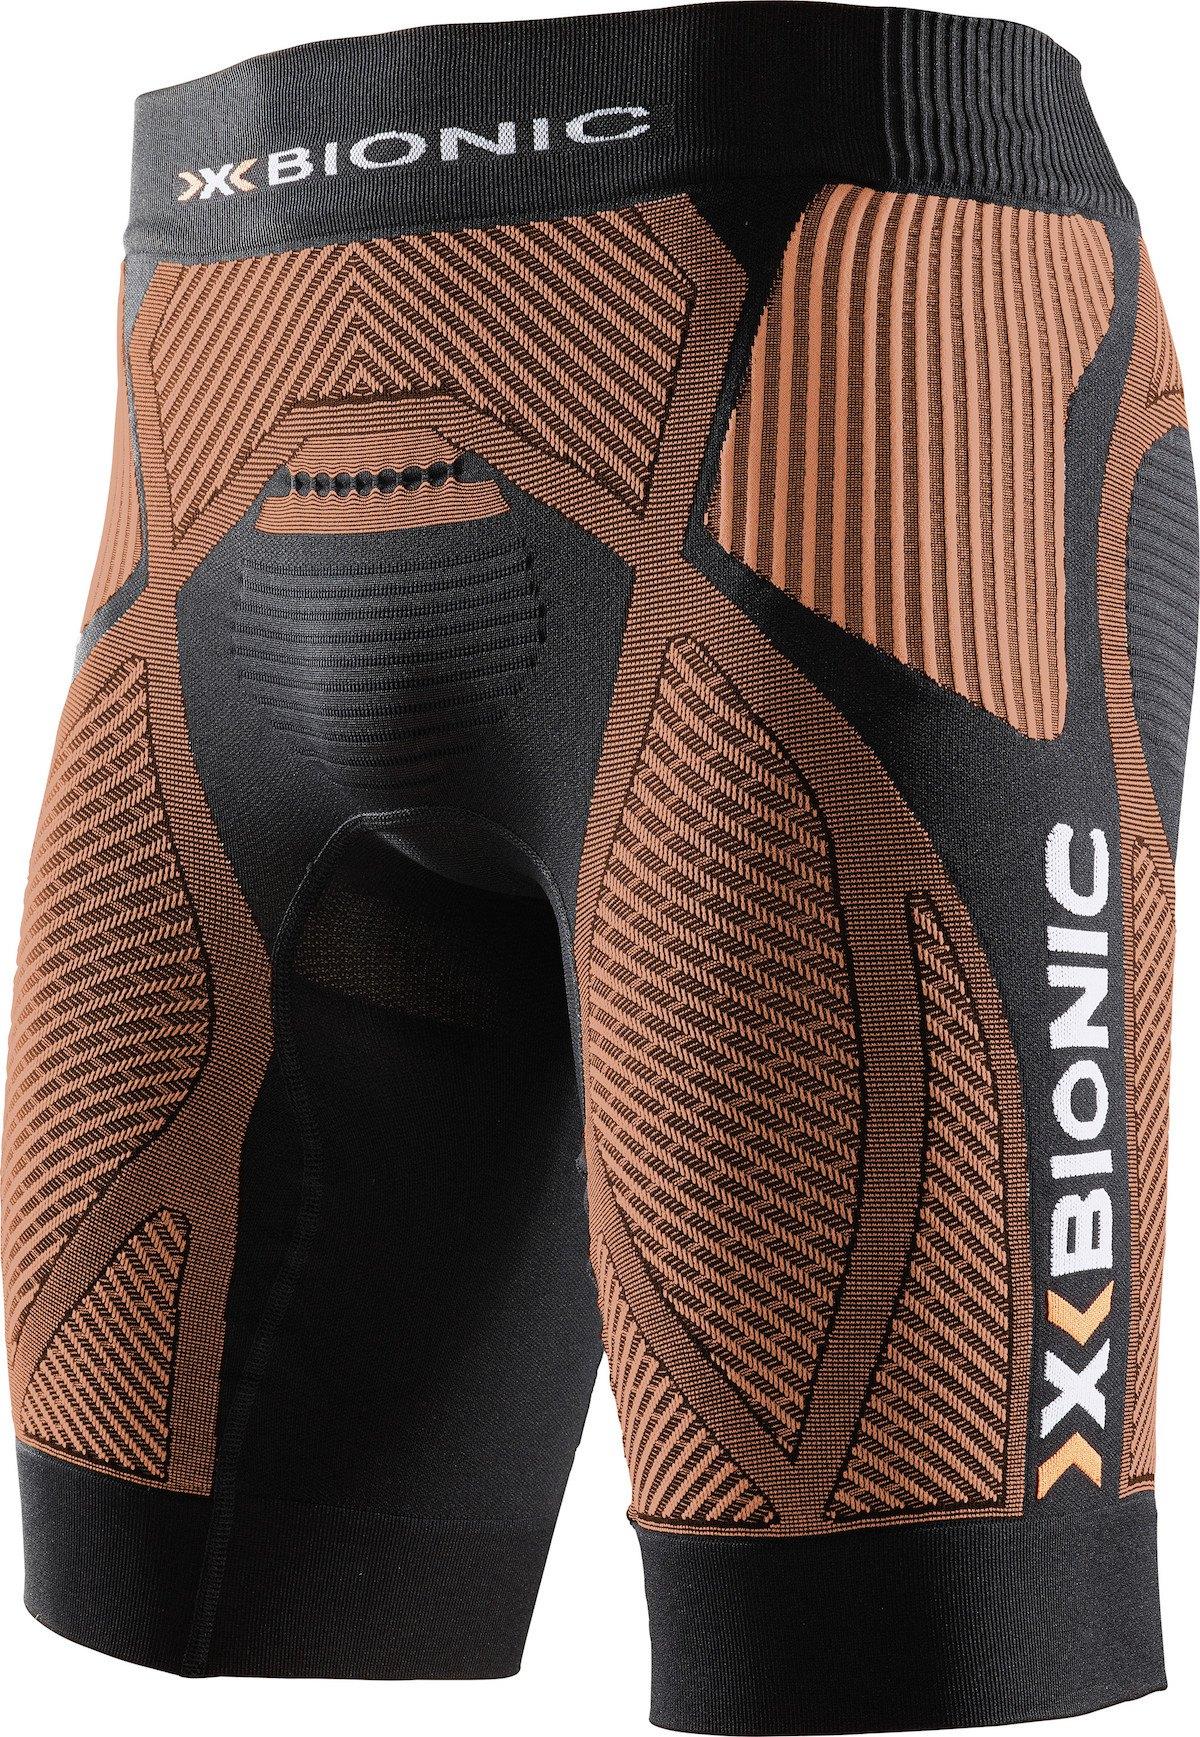 X-Bionic - The Trick - Pantalón corto running - Hombre